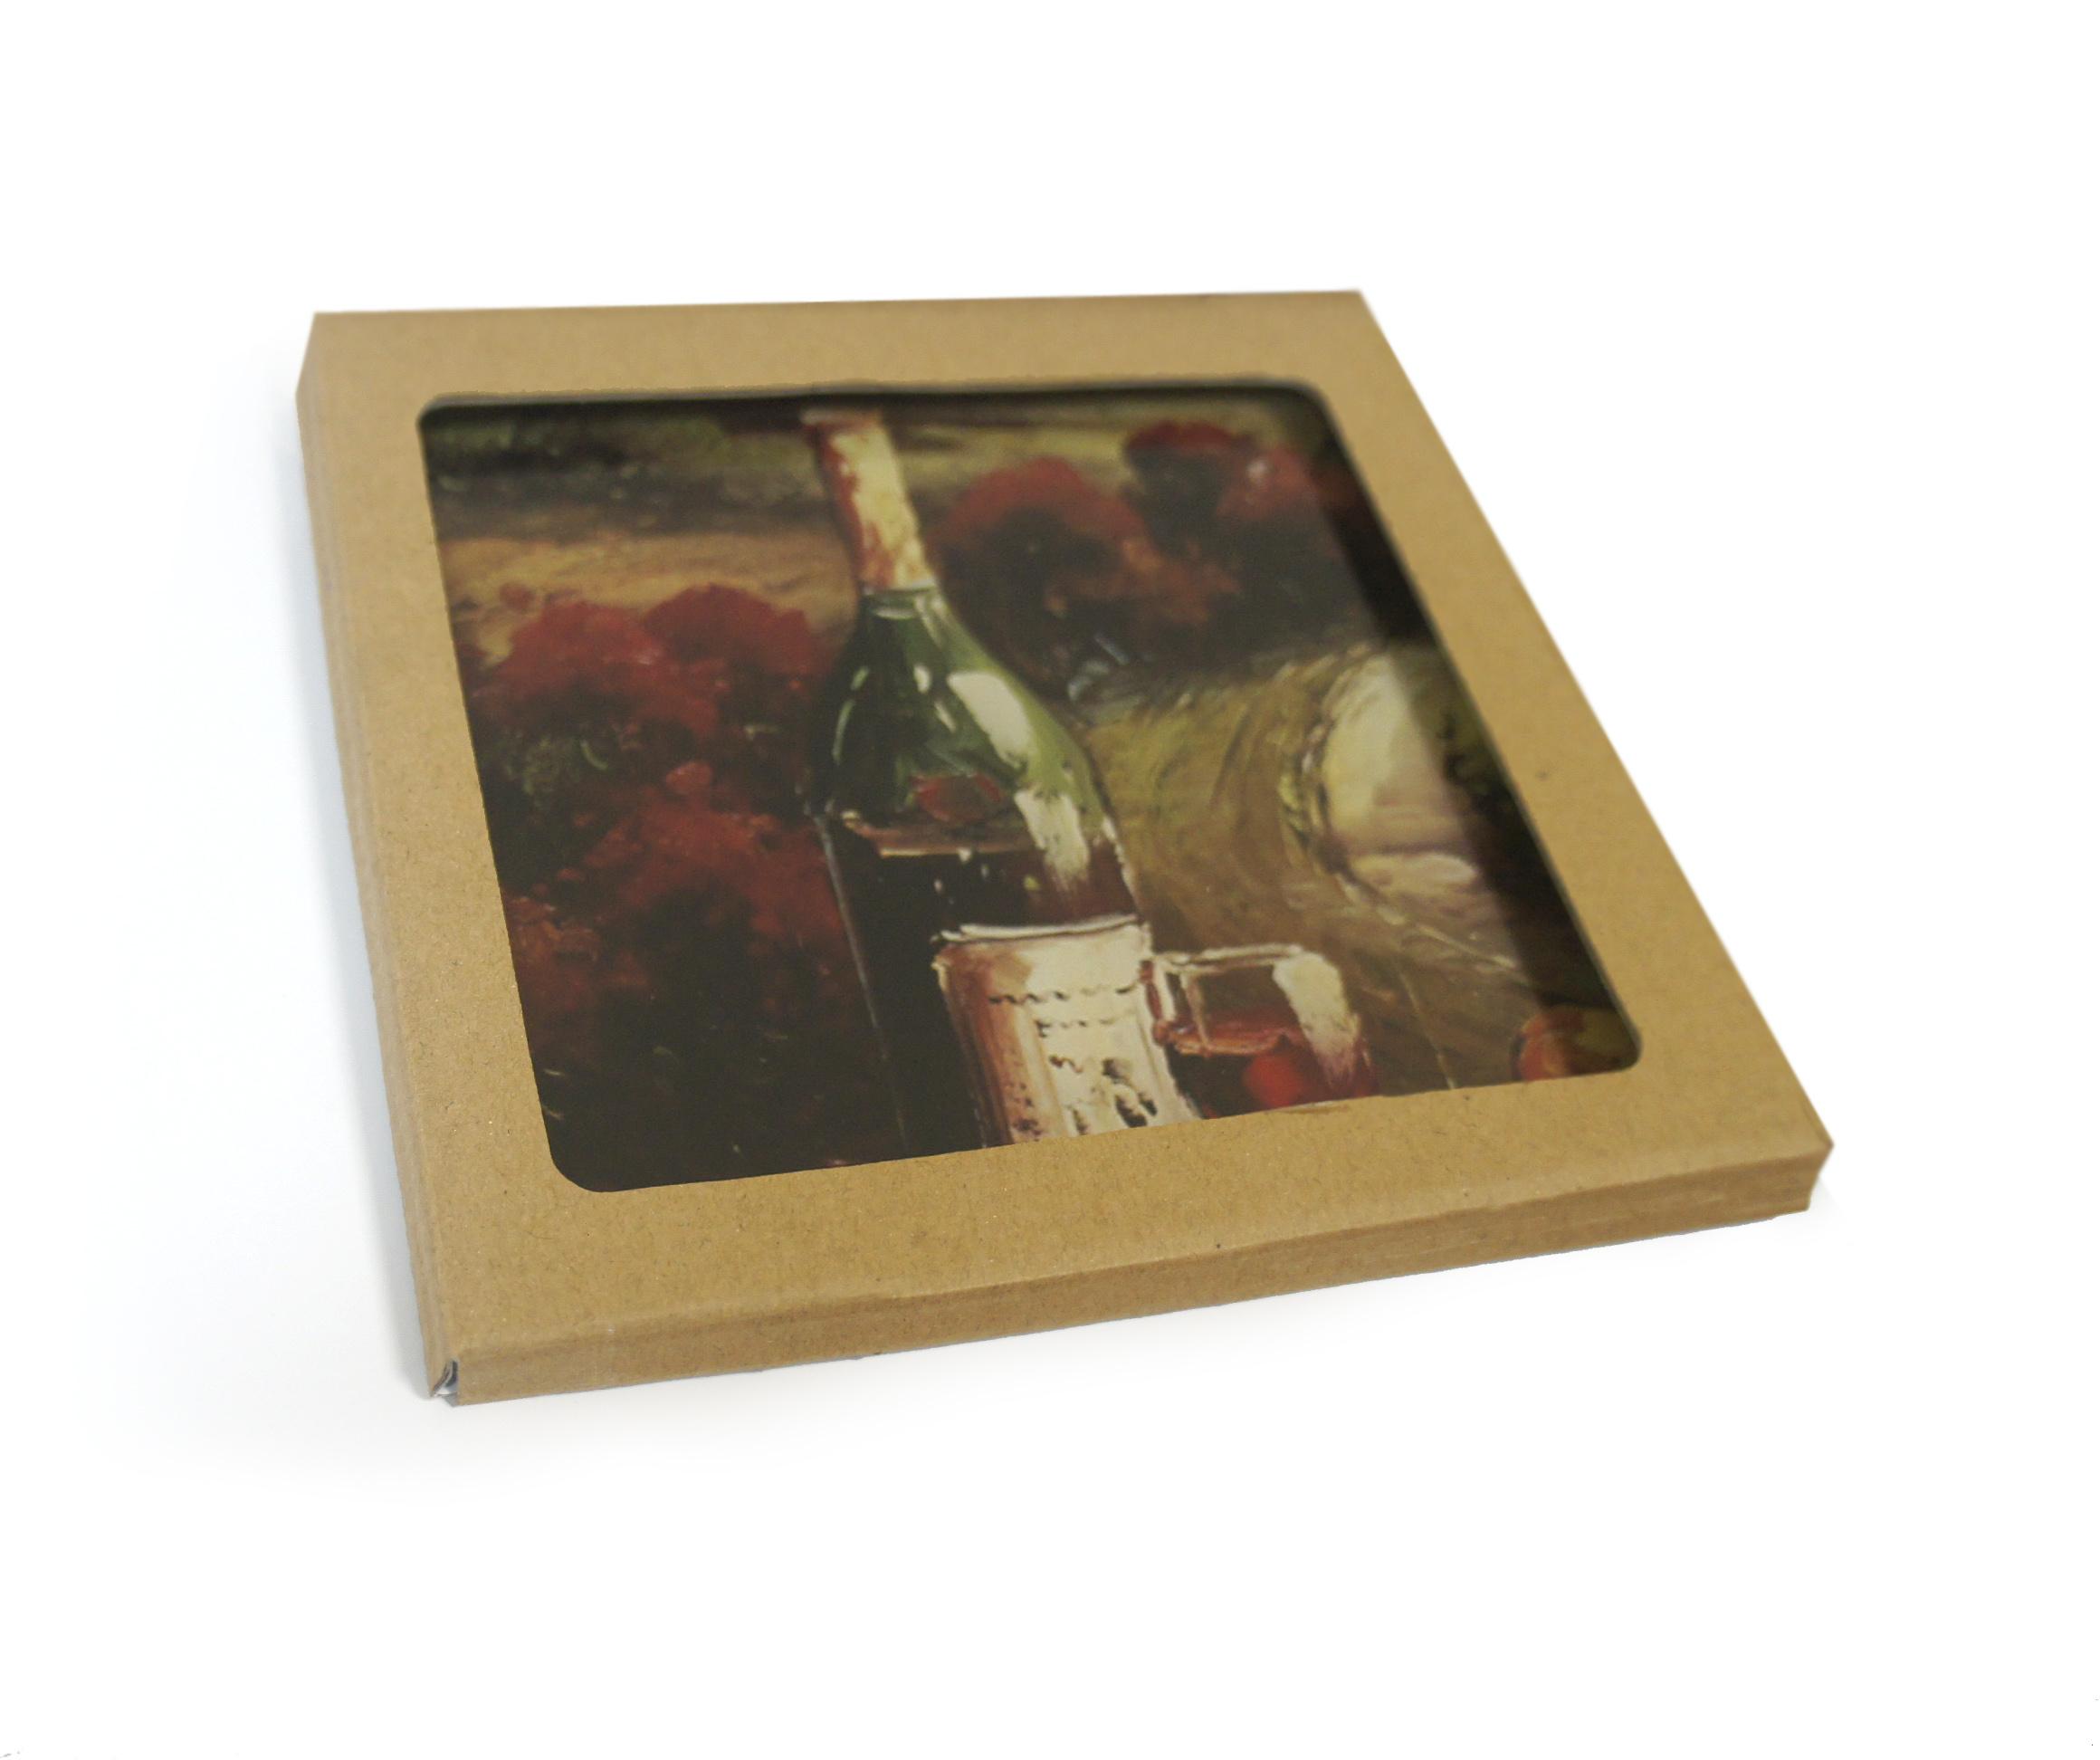 фотокартина на заказ на стекле 28х28 см